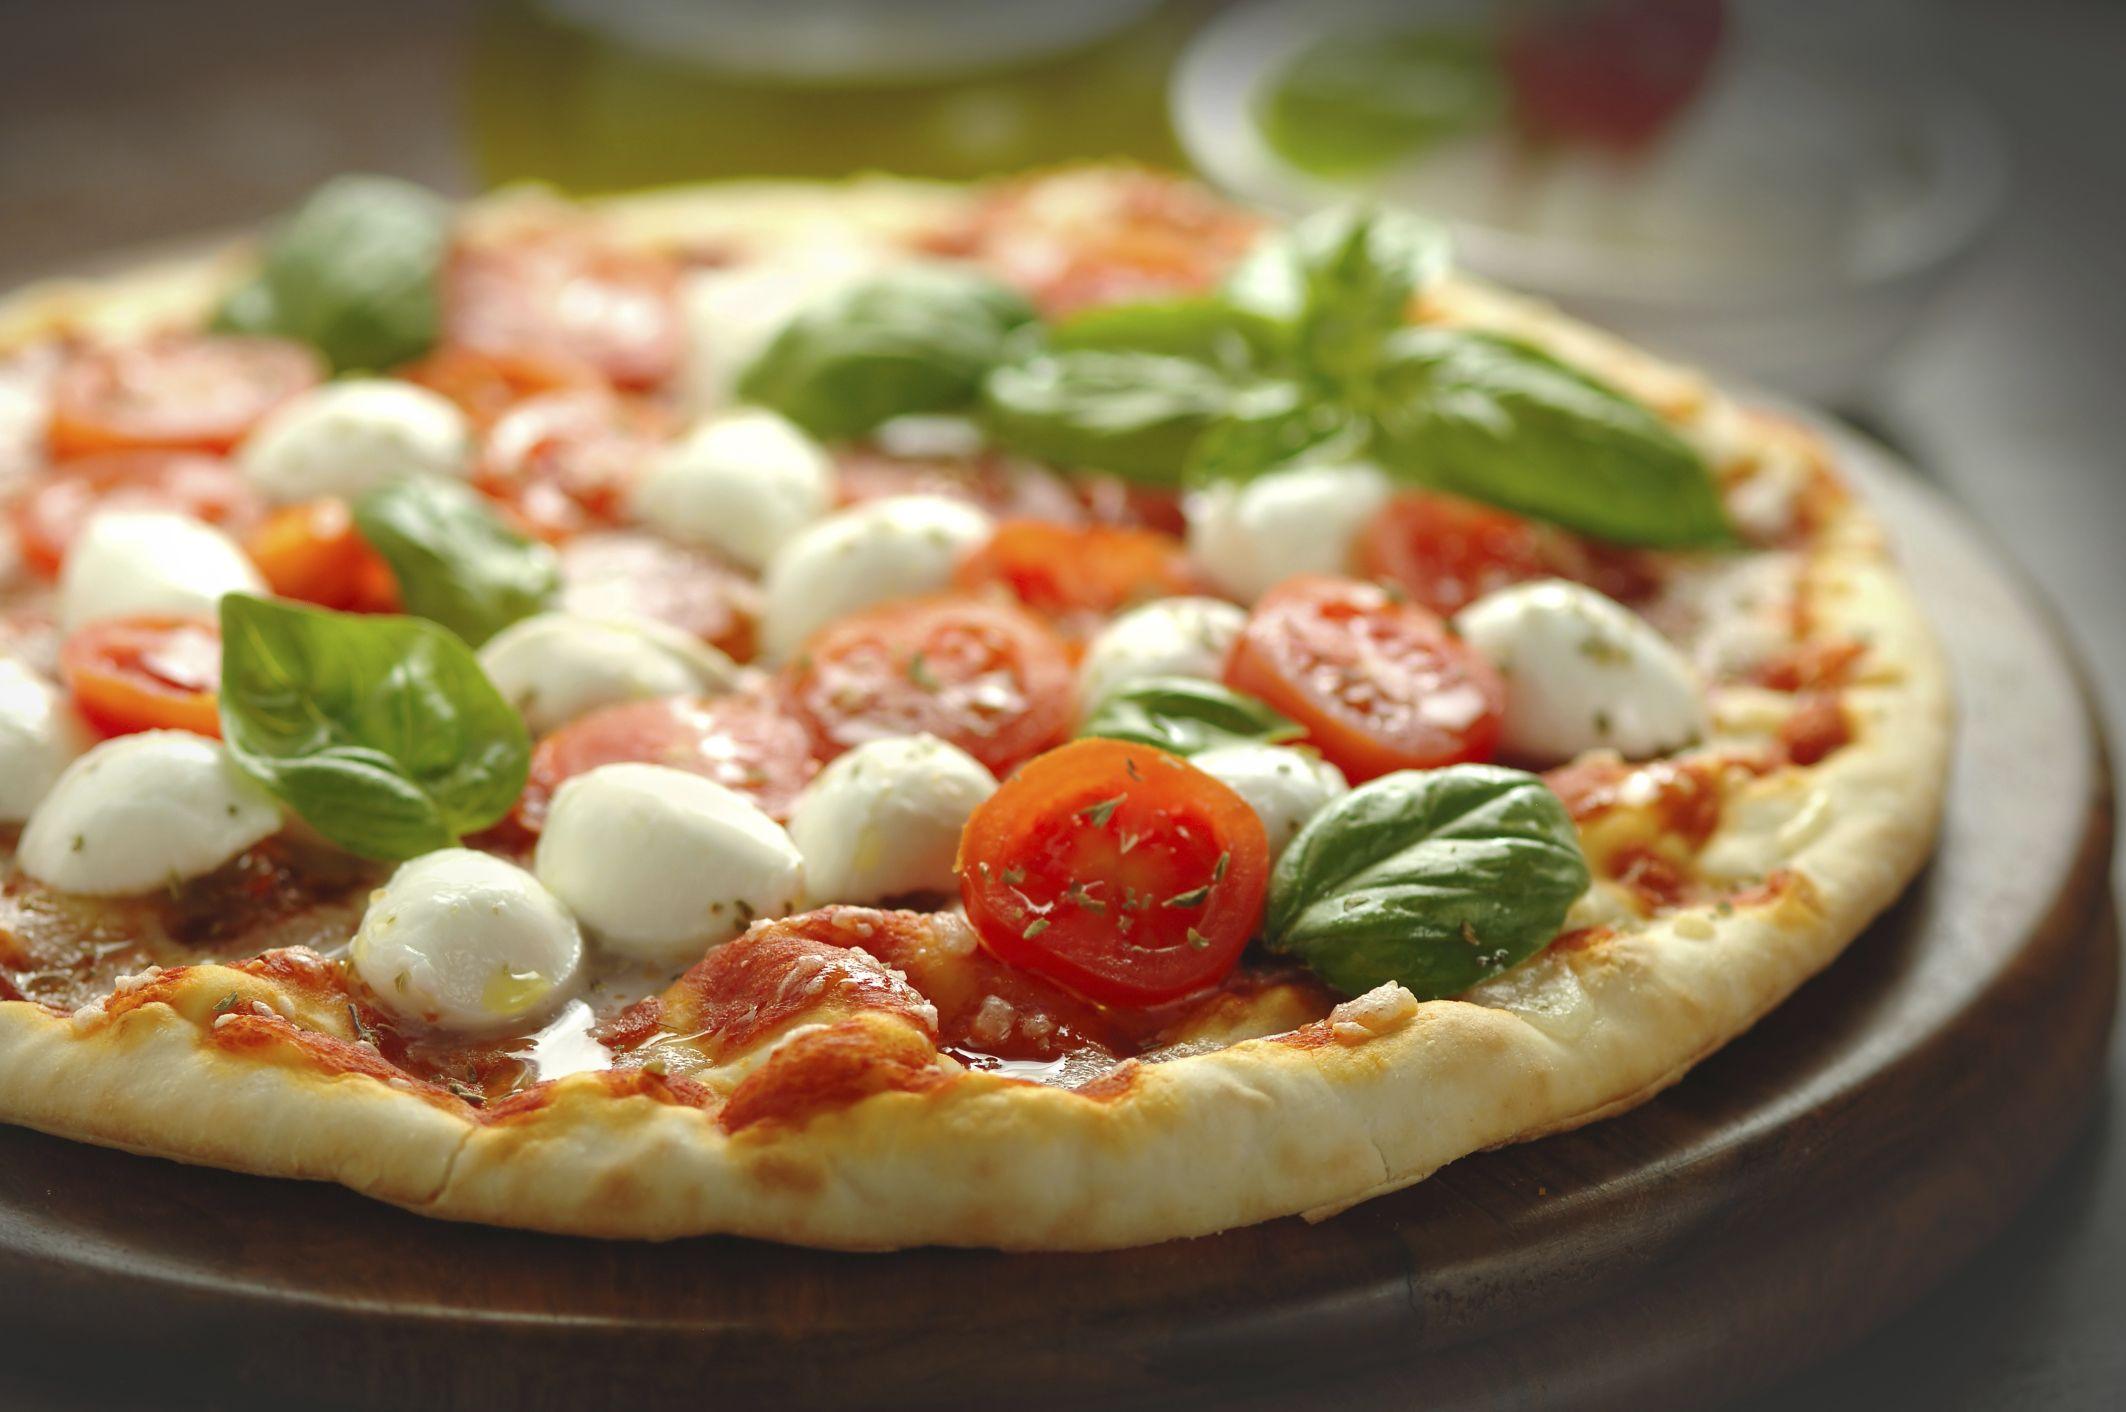 {title} (avec images) Recette de pizza italienne